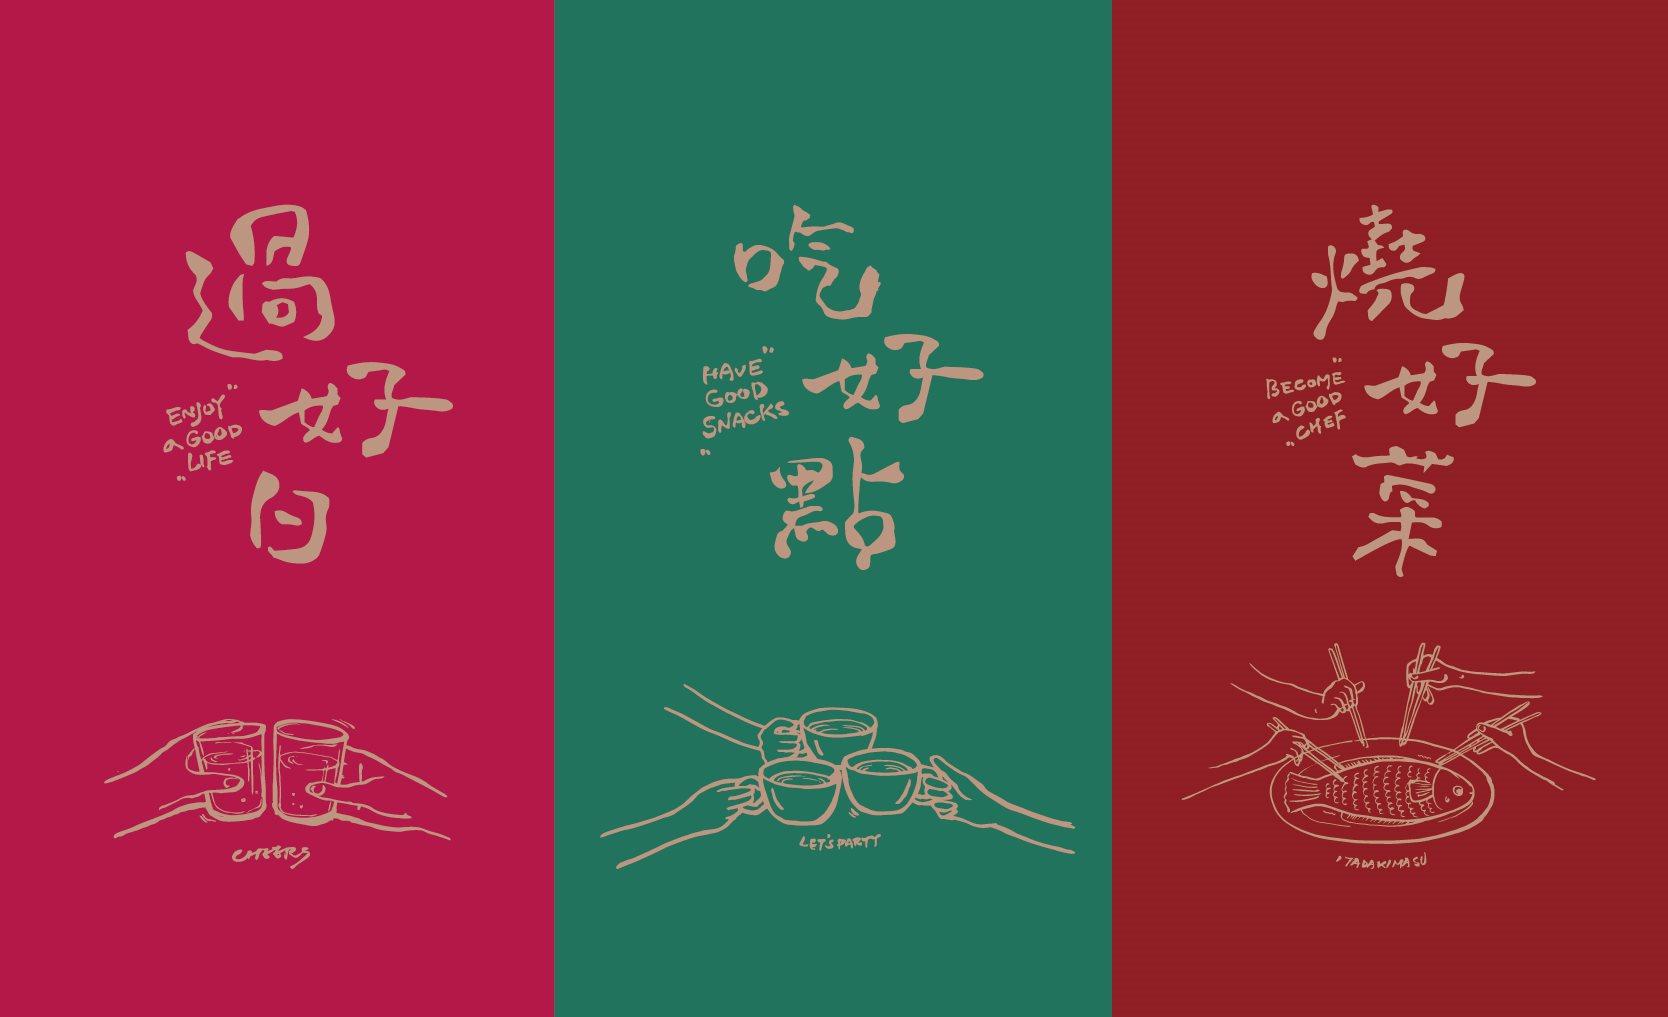 甘樂文創,2021新年年節禮盒隆重上市,搶先預購中!